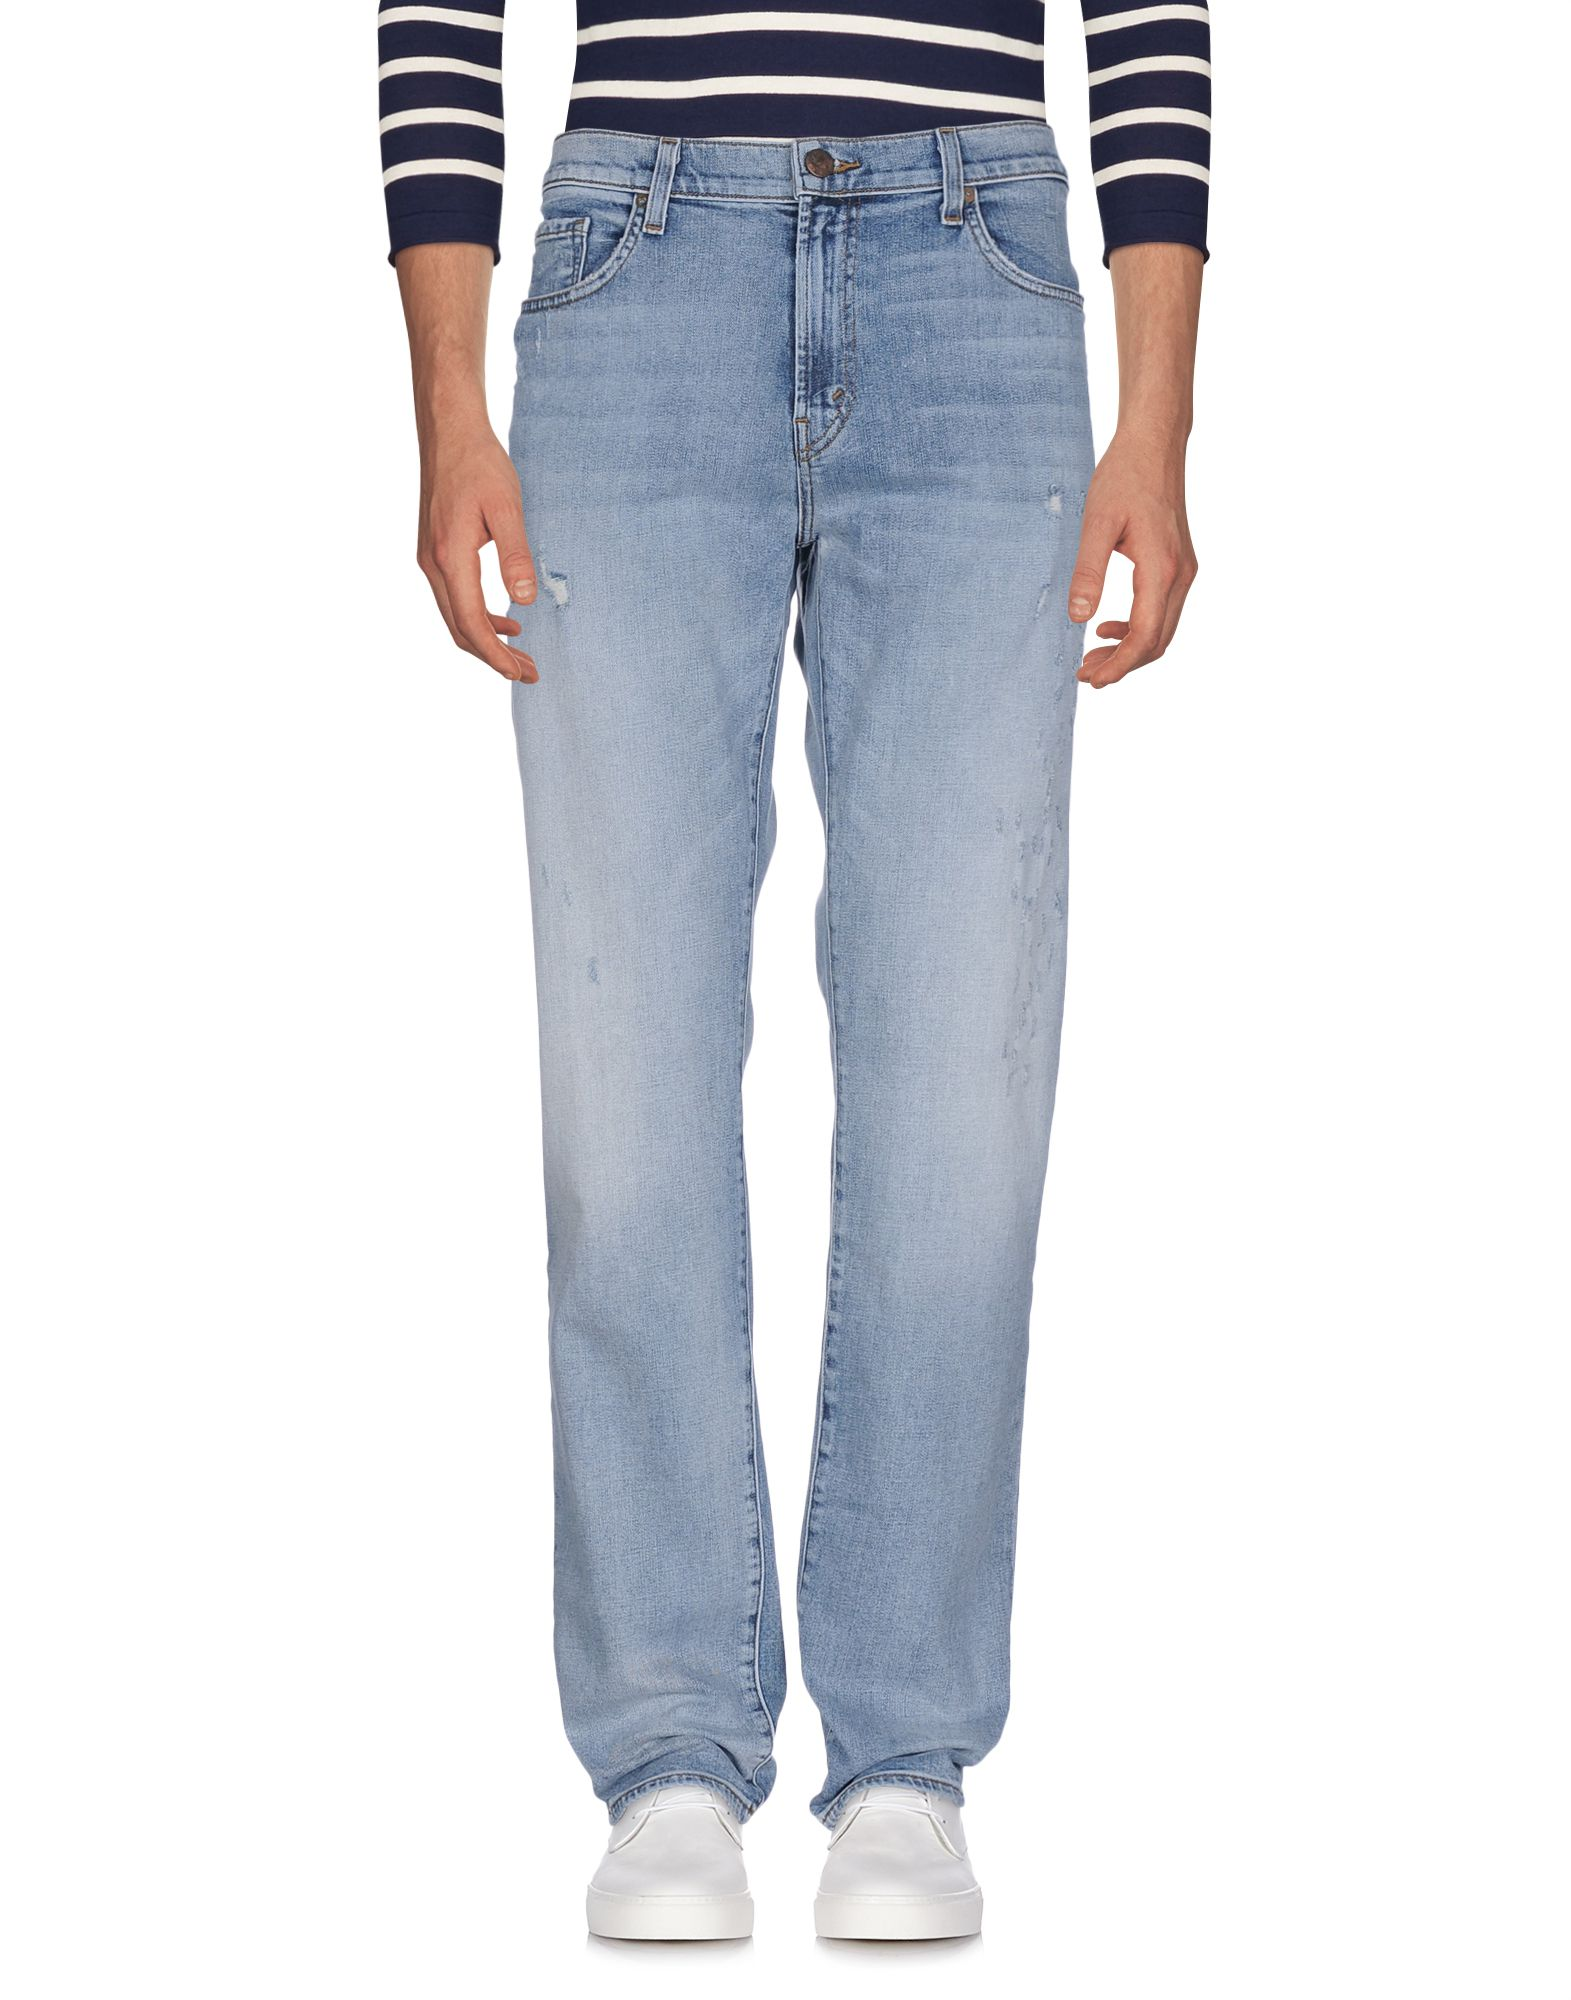 J BRAND Джинсовые брюки женские брюки лэйт светлый размер 56